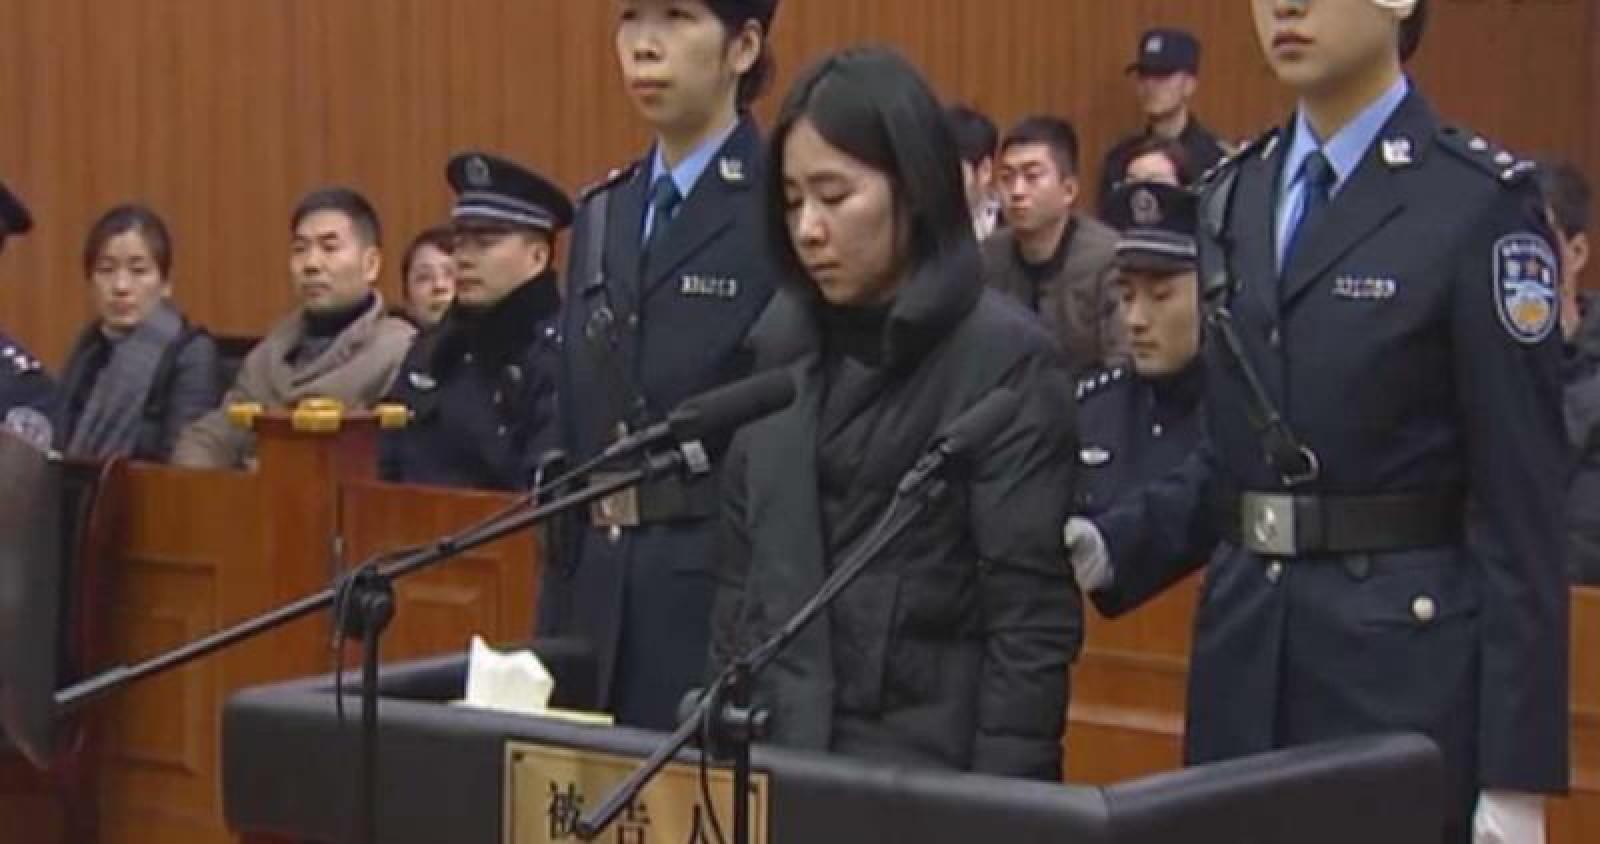 Sentință rară în China: O dădacă a fost condamnată la moarte